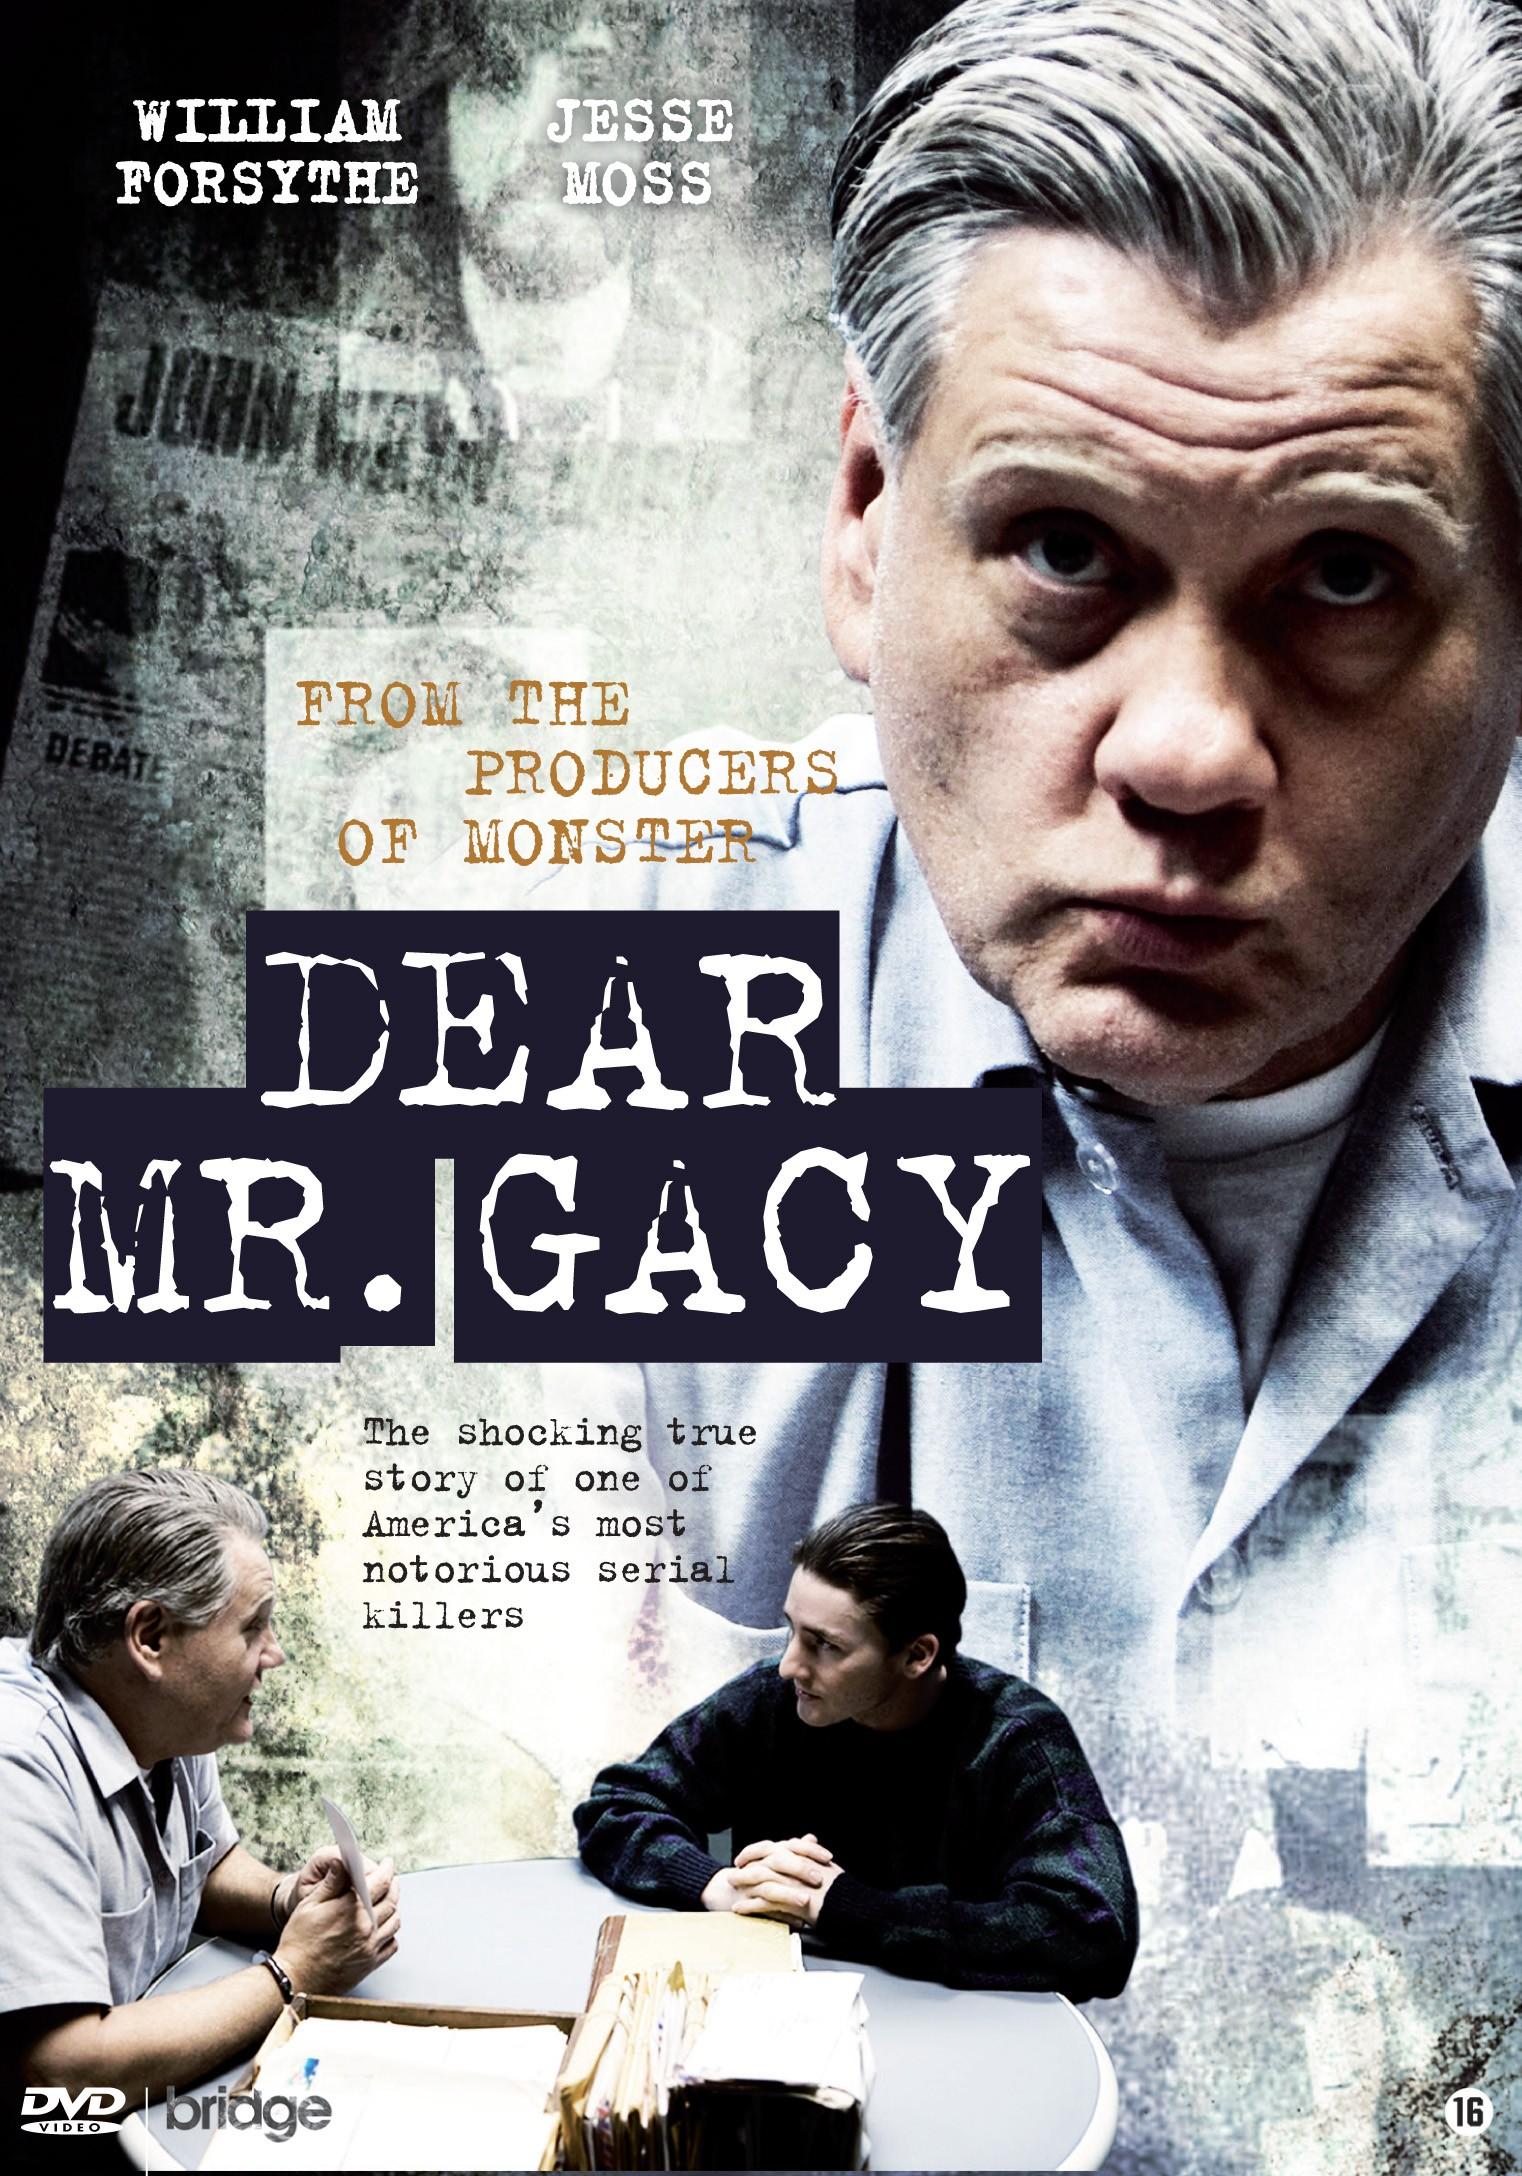 Szanowny Panie Gacy